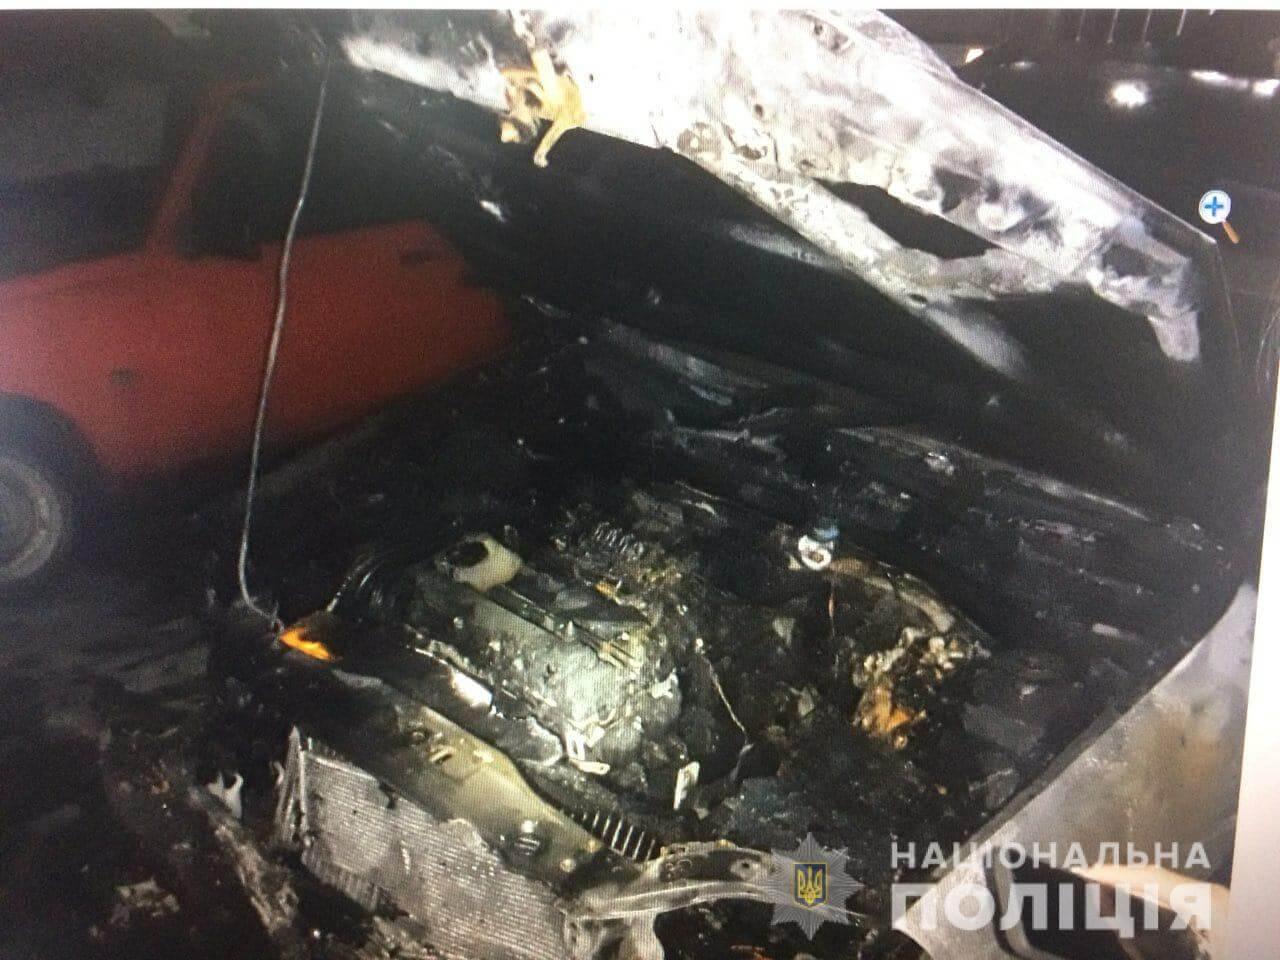 Ночью в Харькове загорелся автомобиль (фото)